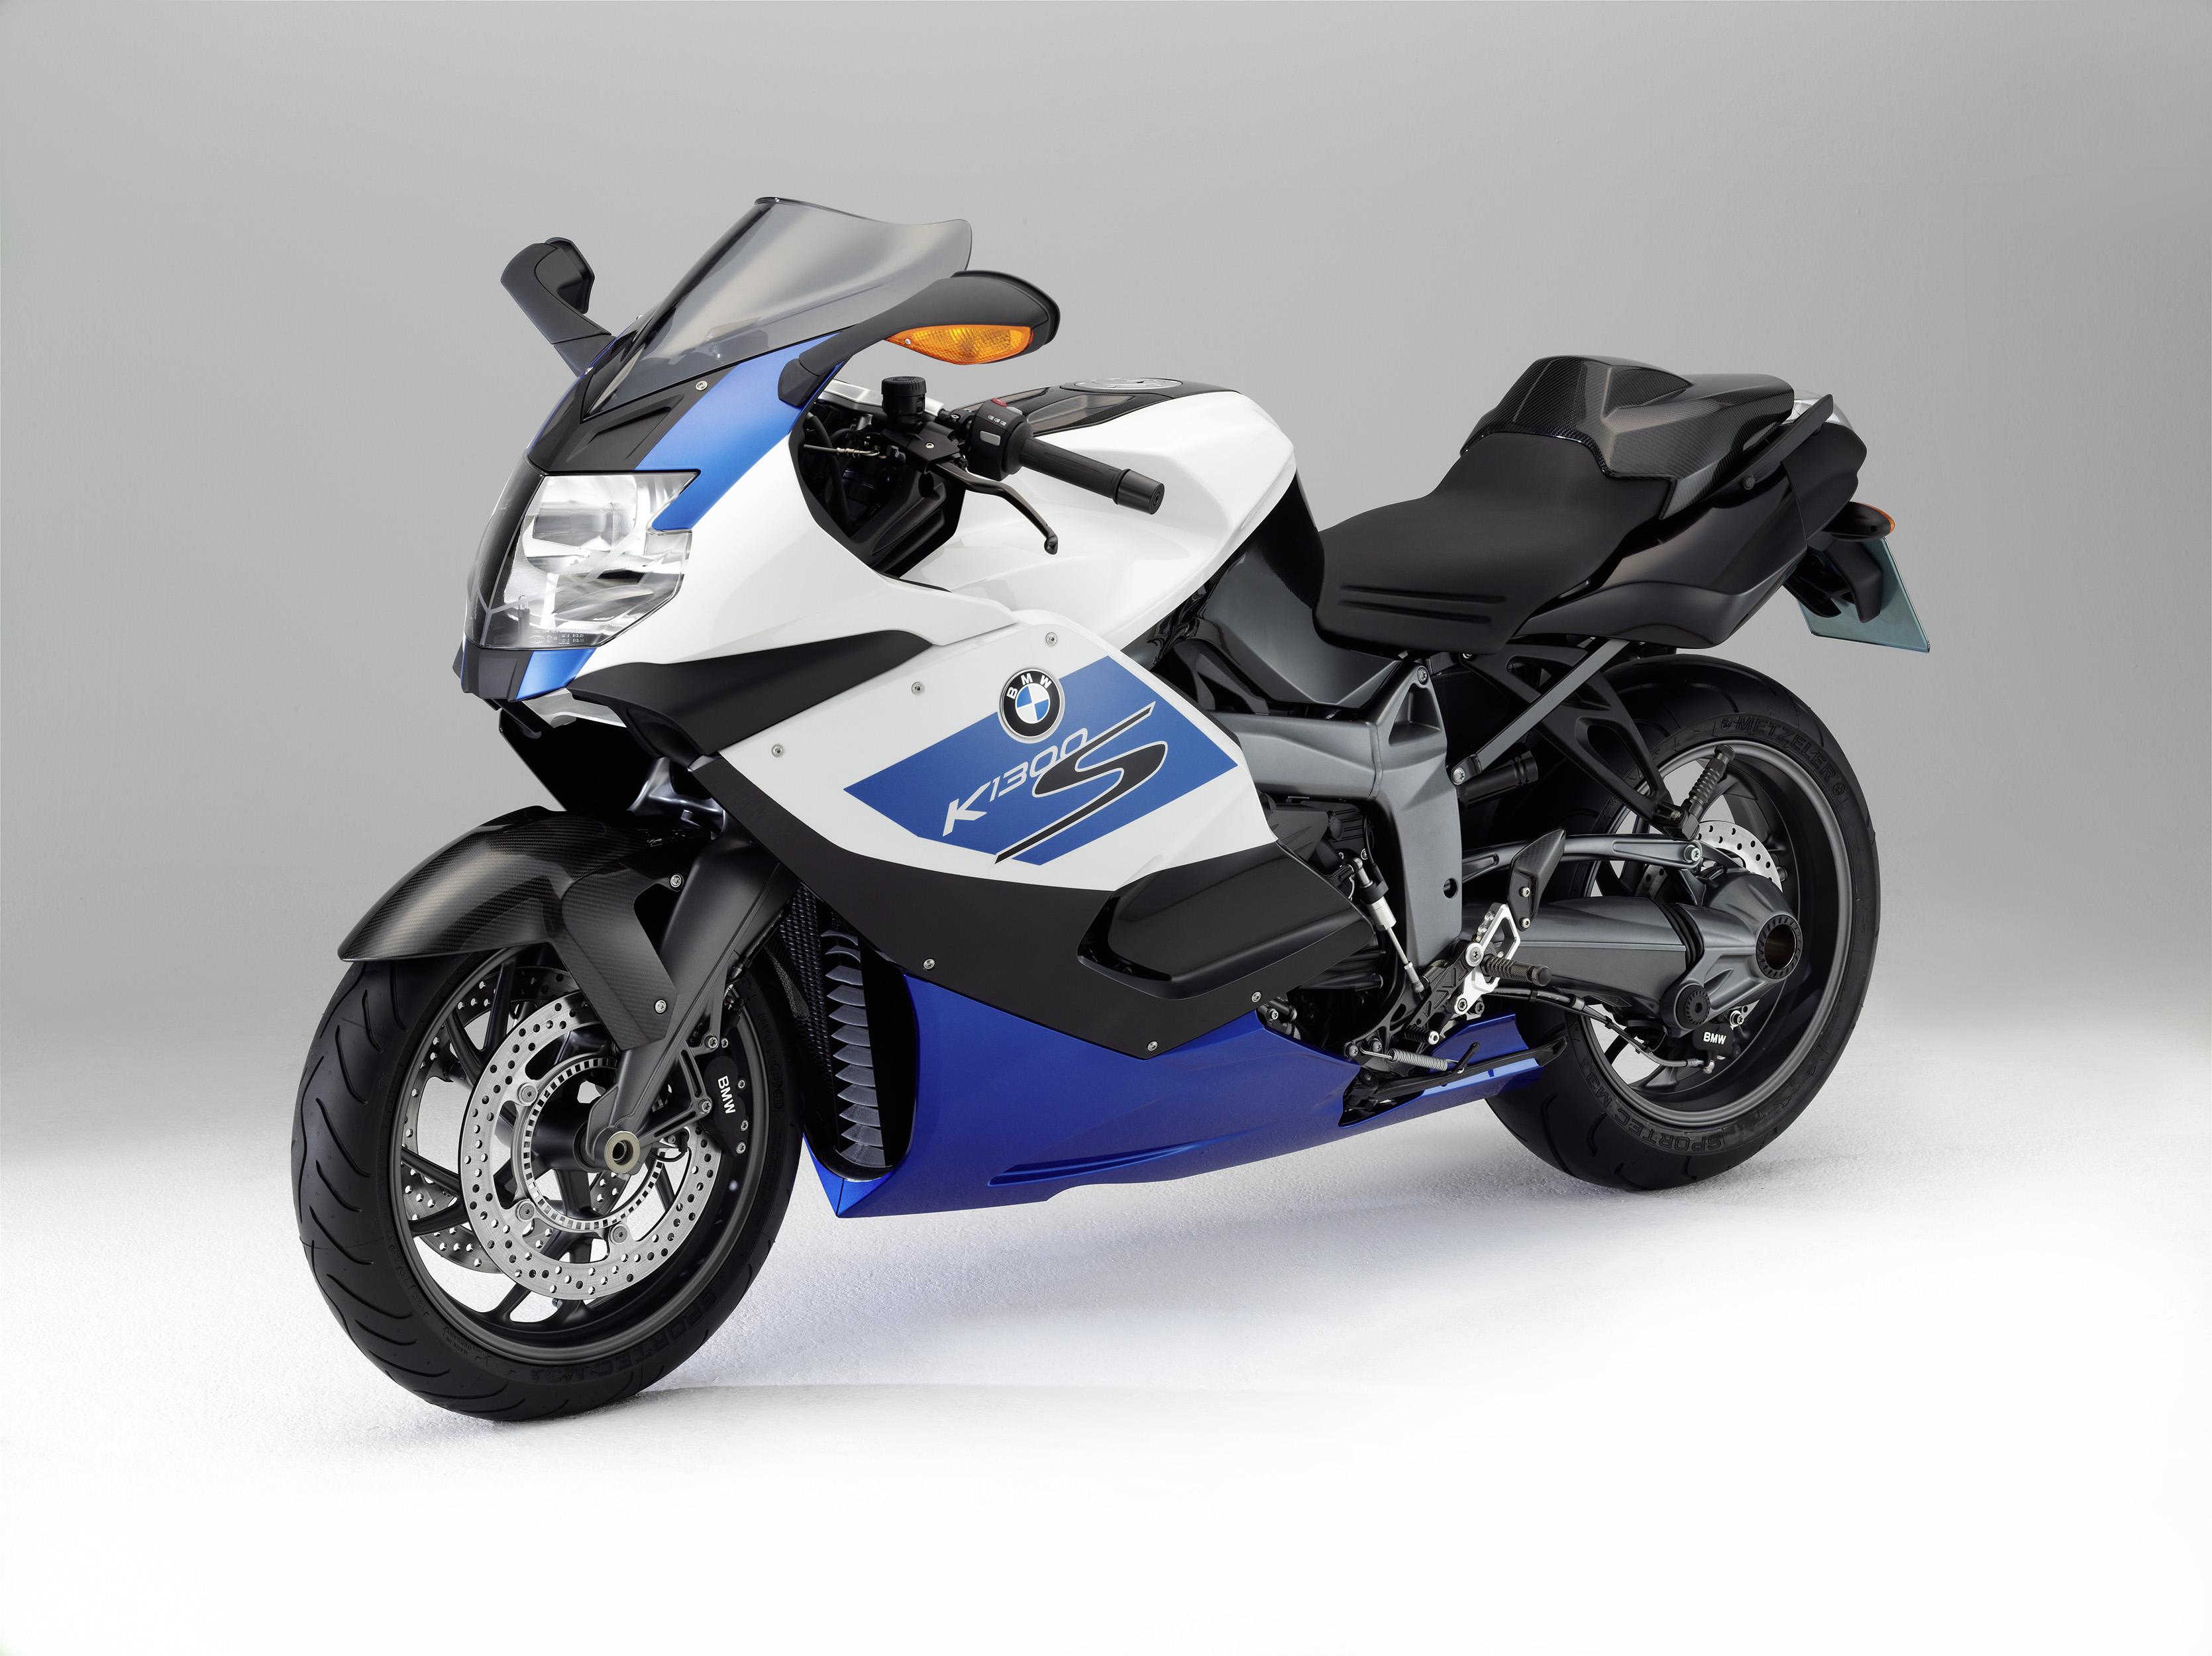 les nouvelles bmw k1300r et bmw k1300s mod les sp ciaux 2012 accessoires moto hornig. Black Bedroom Furniture Sets. Home Design Ideas